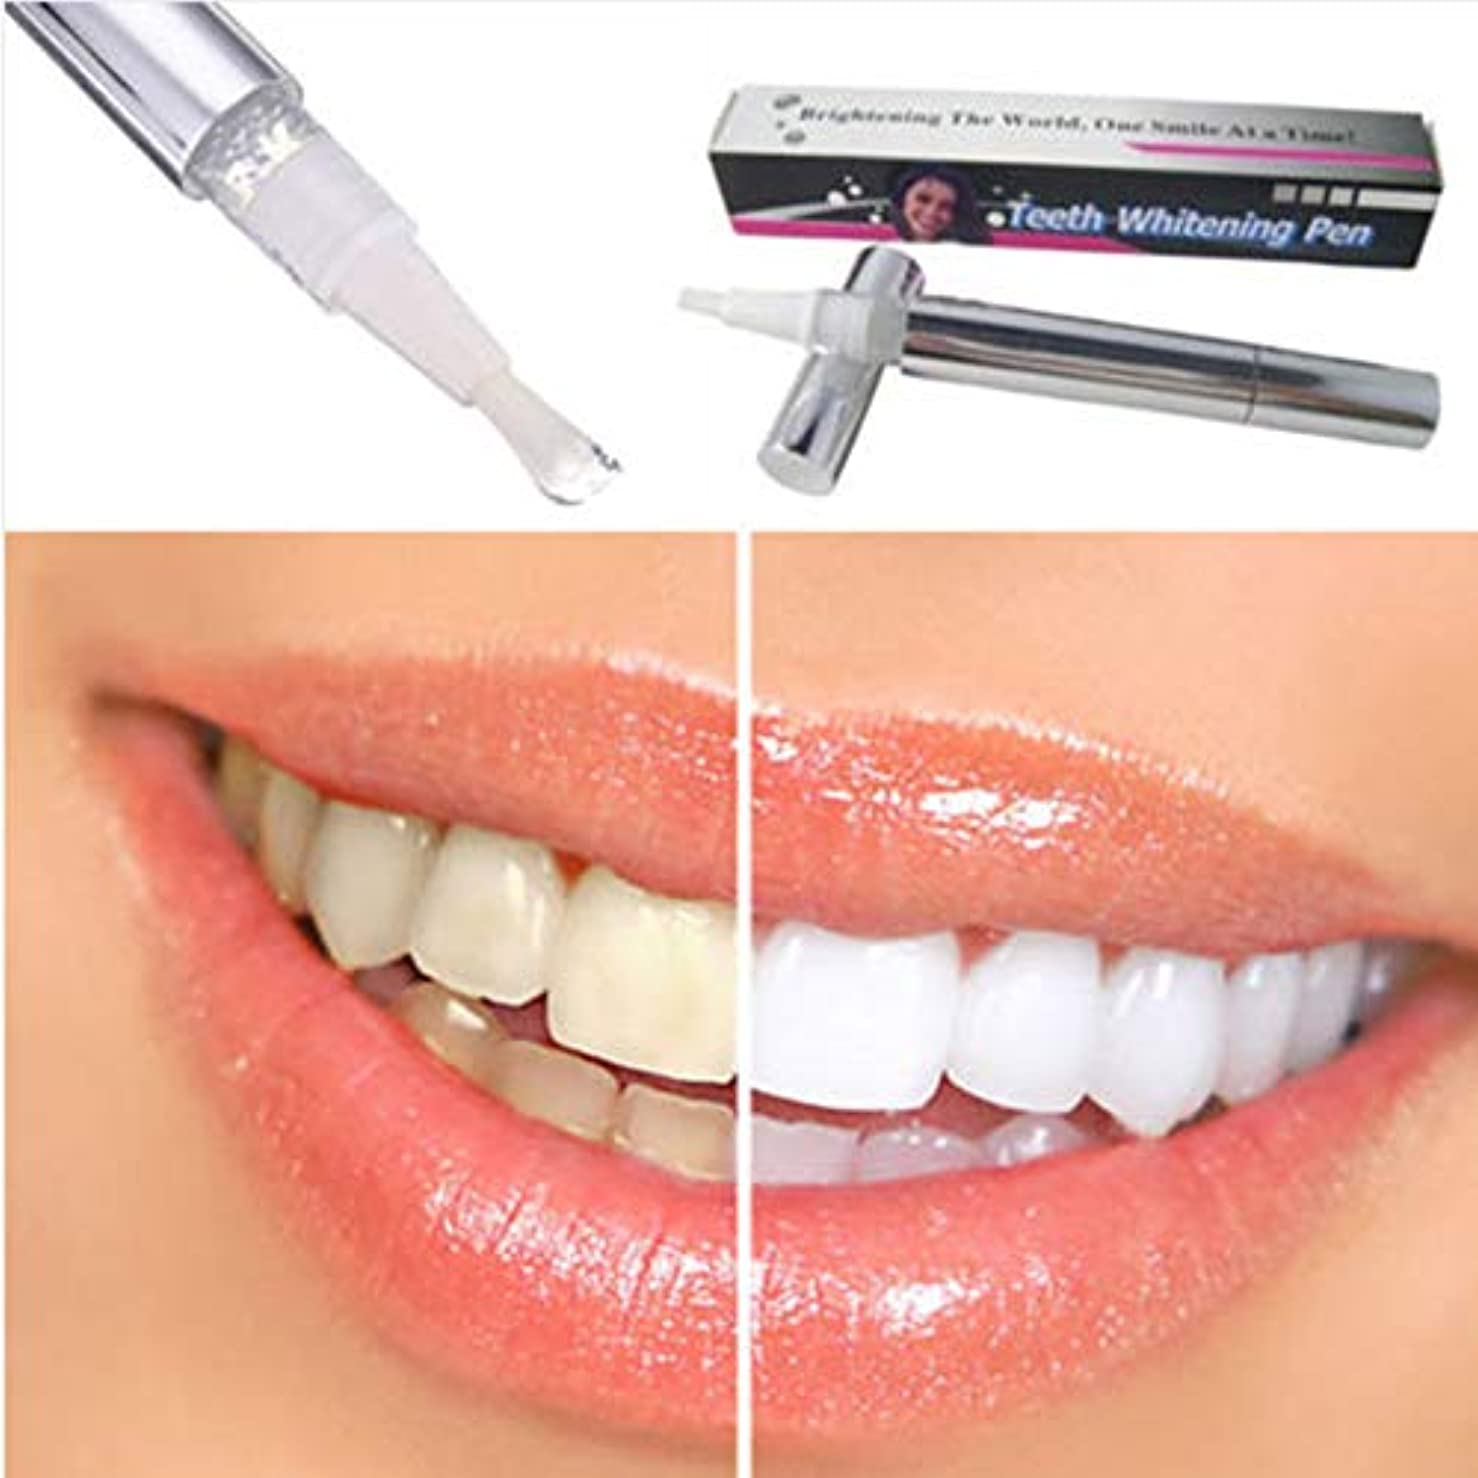 リテラシーネイティブ展開するホワイトニングペン型真っ白な歯 ホワイトニングペン 歯の白い漂白剤 瞬間汚れ消しゴムリムーバー